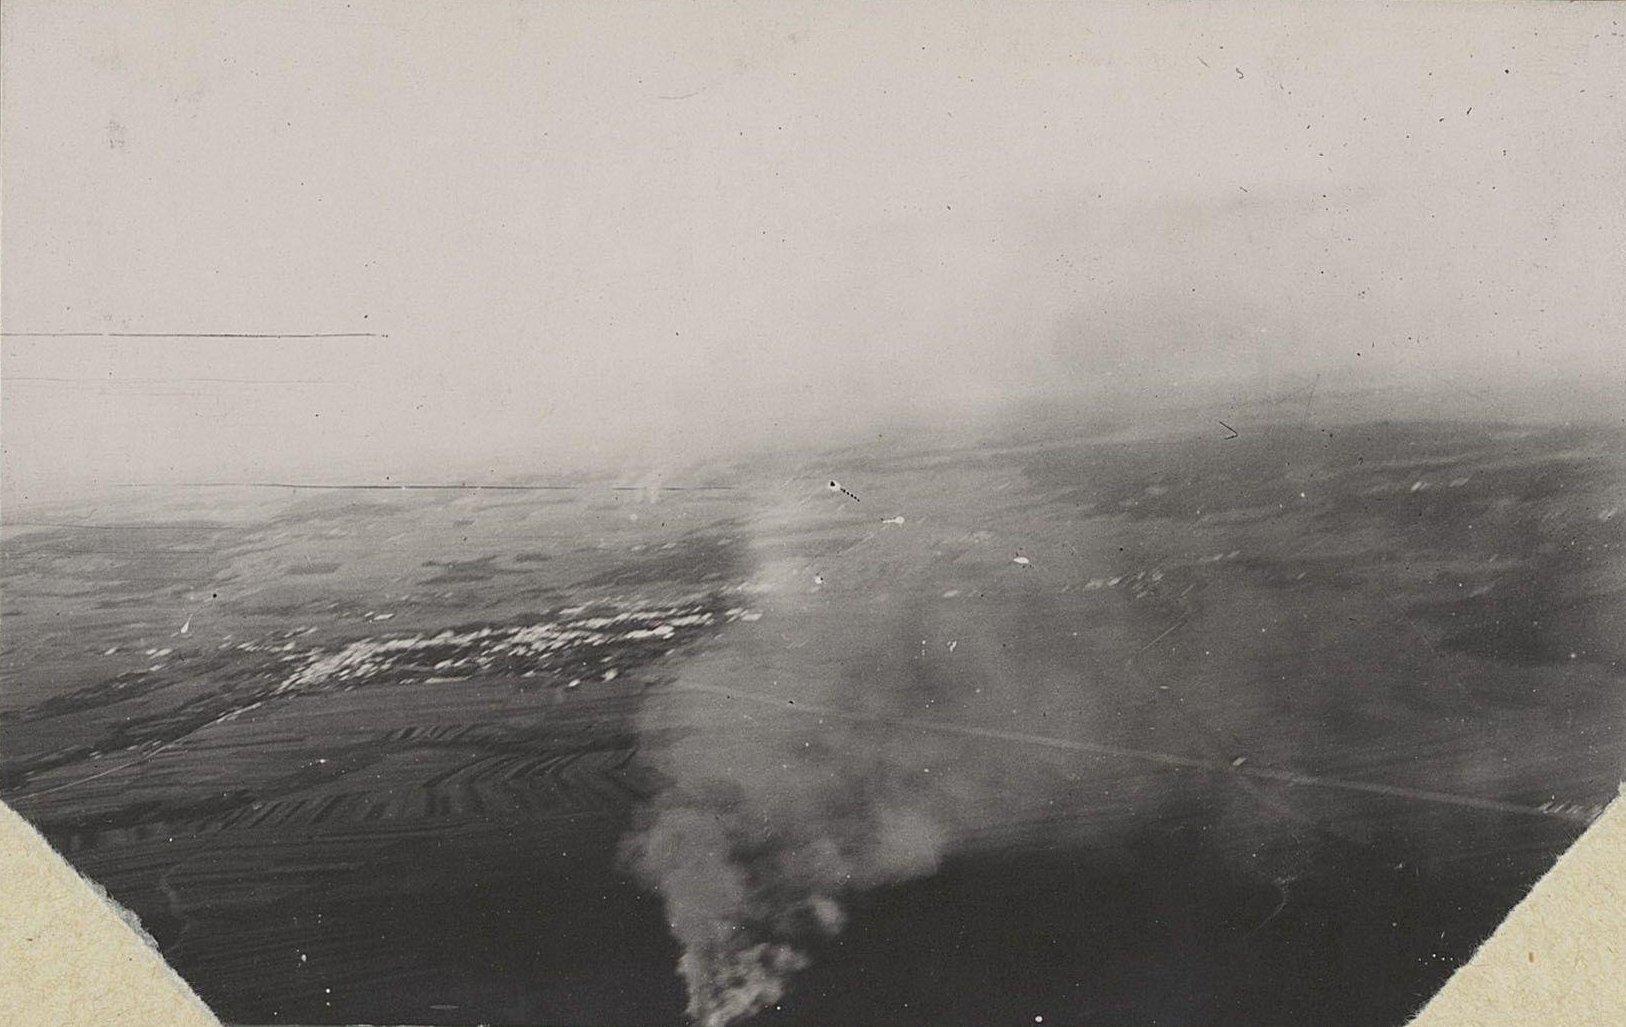 Город Злочев. Пожар фольварка. Снято с аэроплана